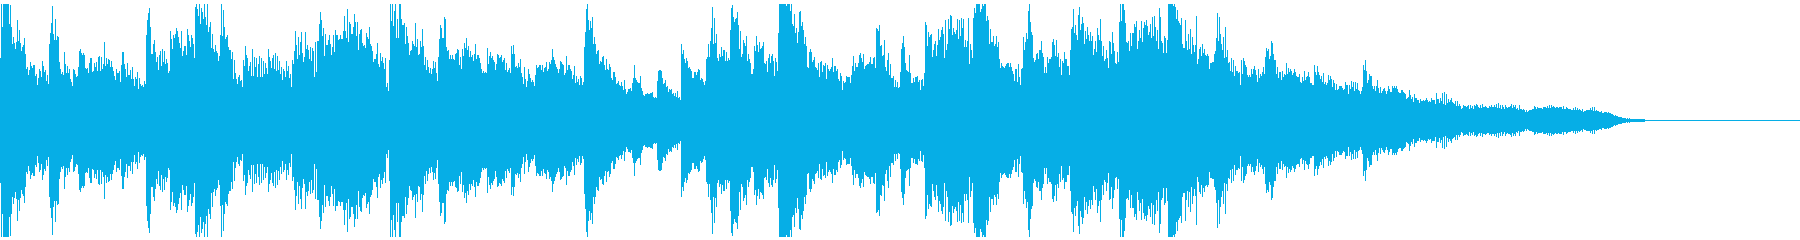 穏やか・幻想的な和風ジングル(尺八付)の再生済みの波形